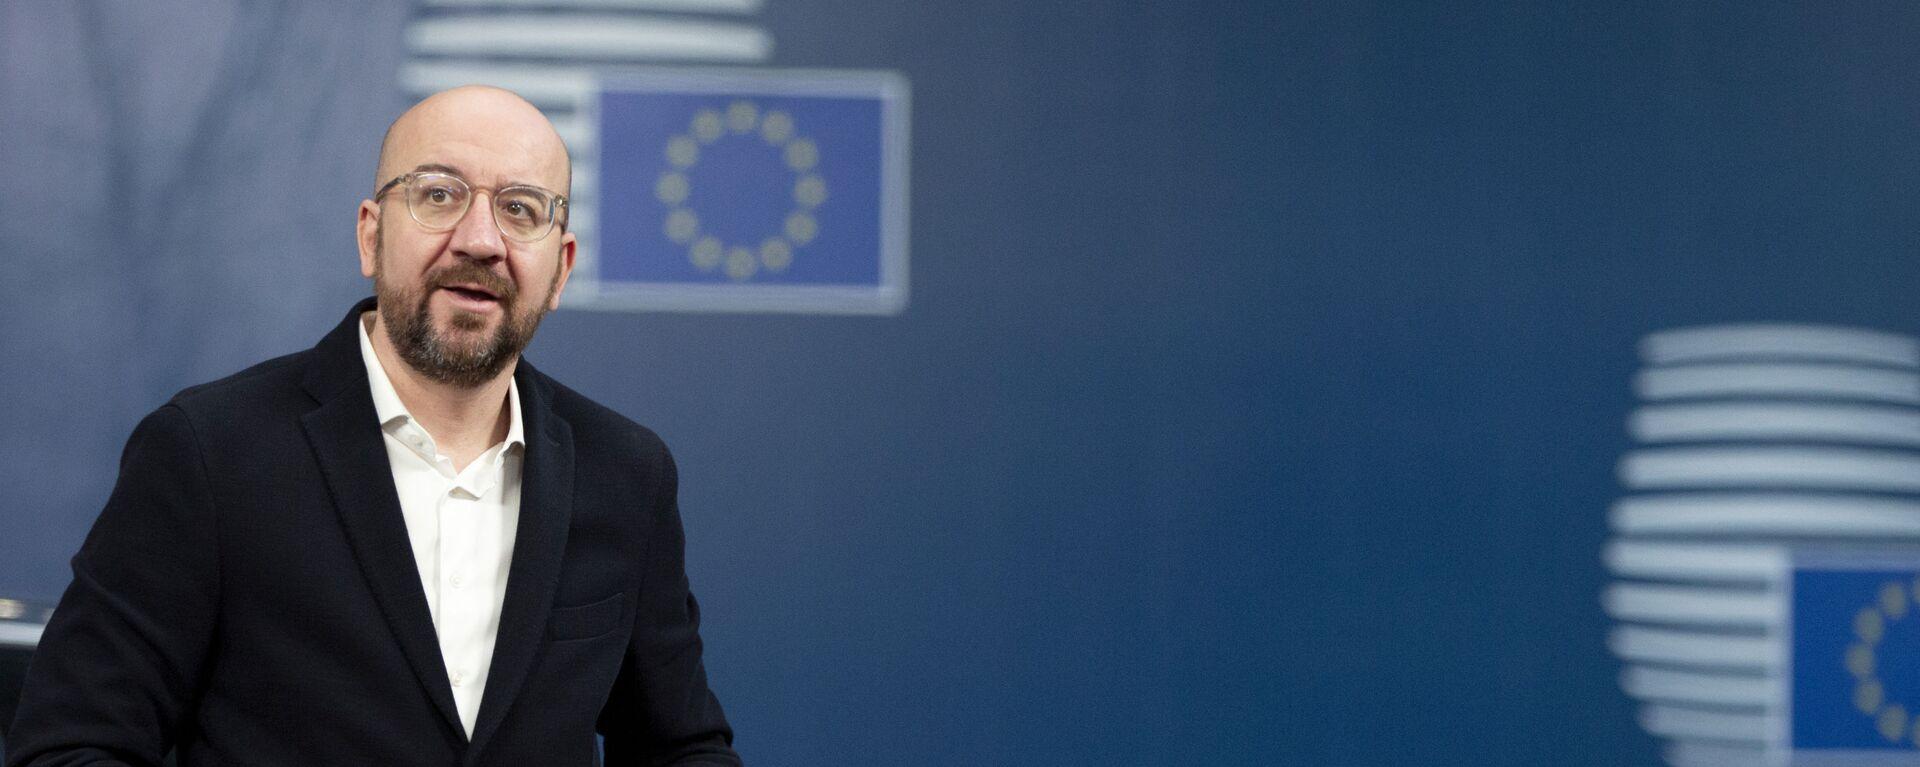 Il presidente del Consiglio Europeo Charles Michel - Sputnik Italia, 1920, 22.01.2021